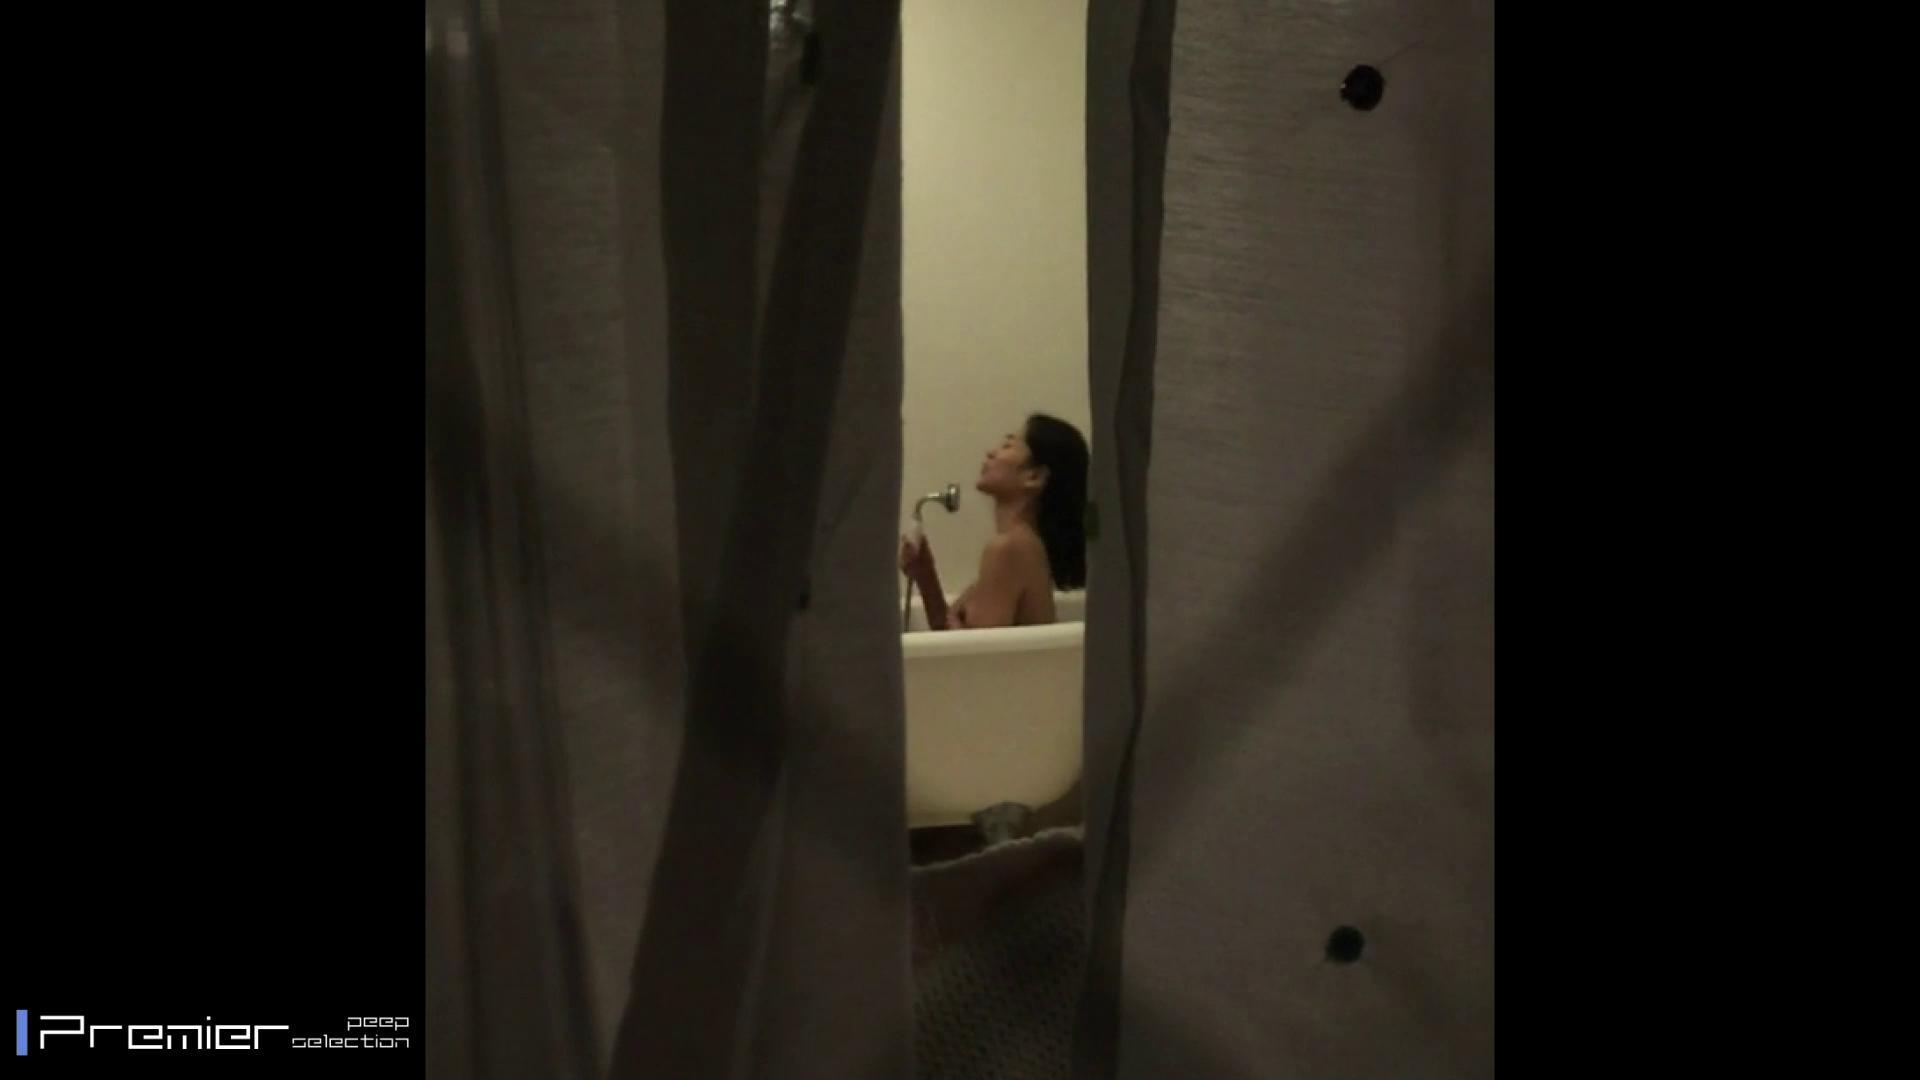 美女達の私生活に潜入!現役美人モデルの入浴シーン 入浴中 ぱこり動画紹介 104画像 27